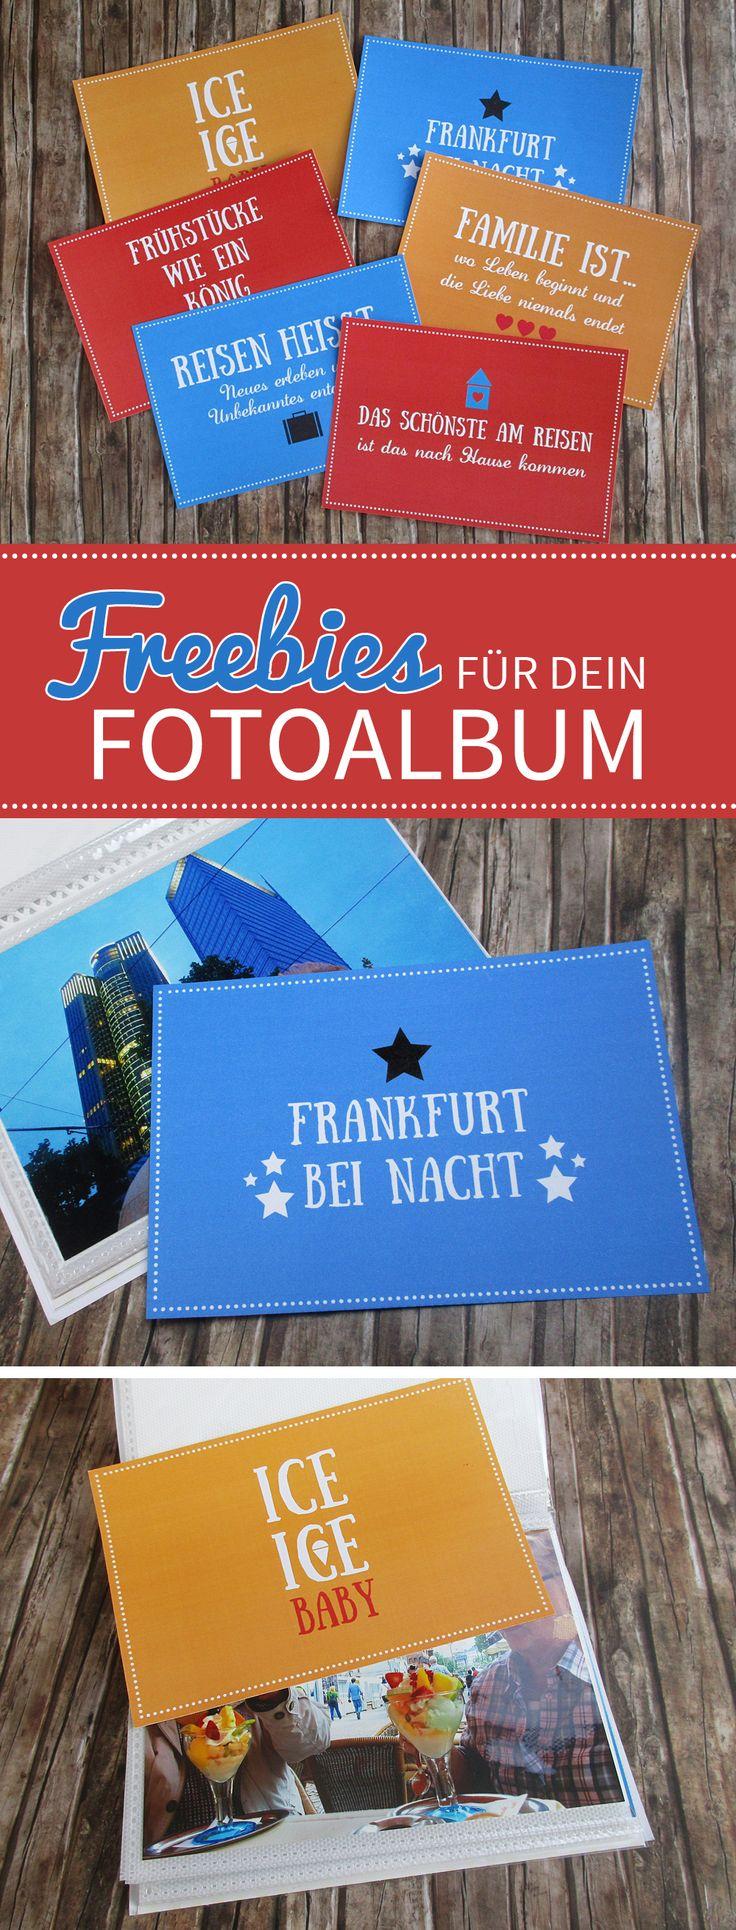 Ein Fotoalbum selber basteln mit Freebies zum Herunterladen! #printable #freebie #scrapbooking